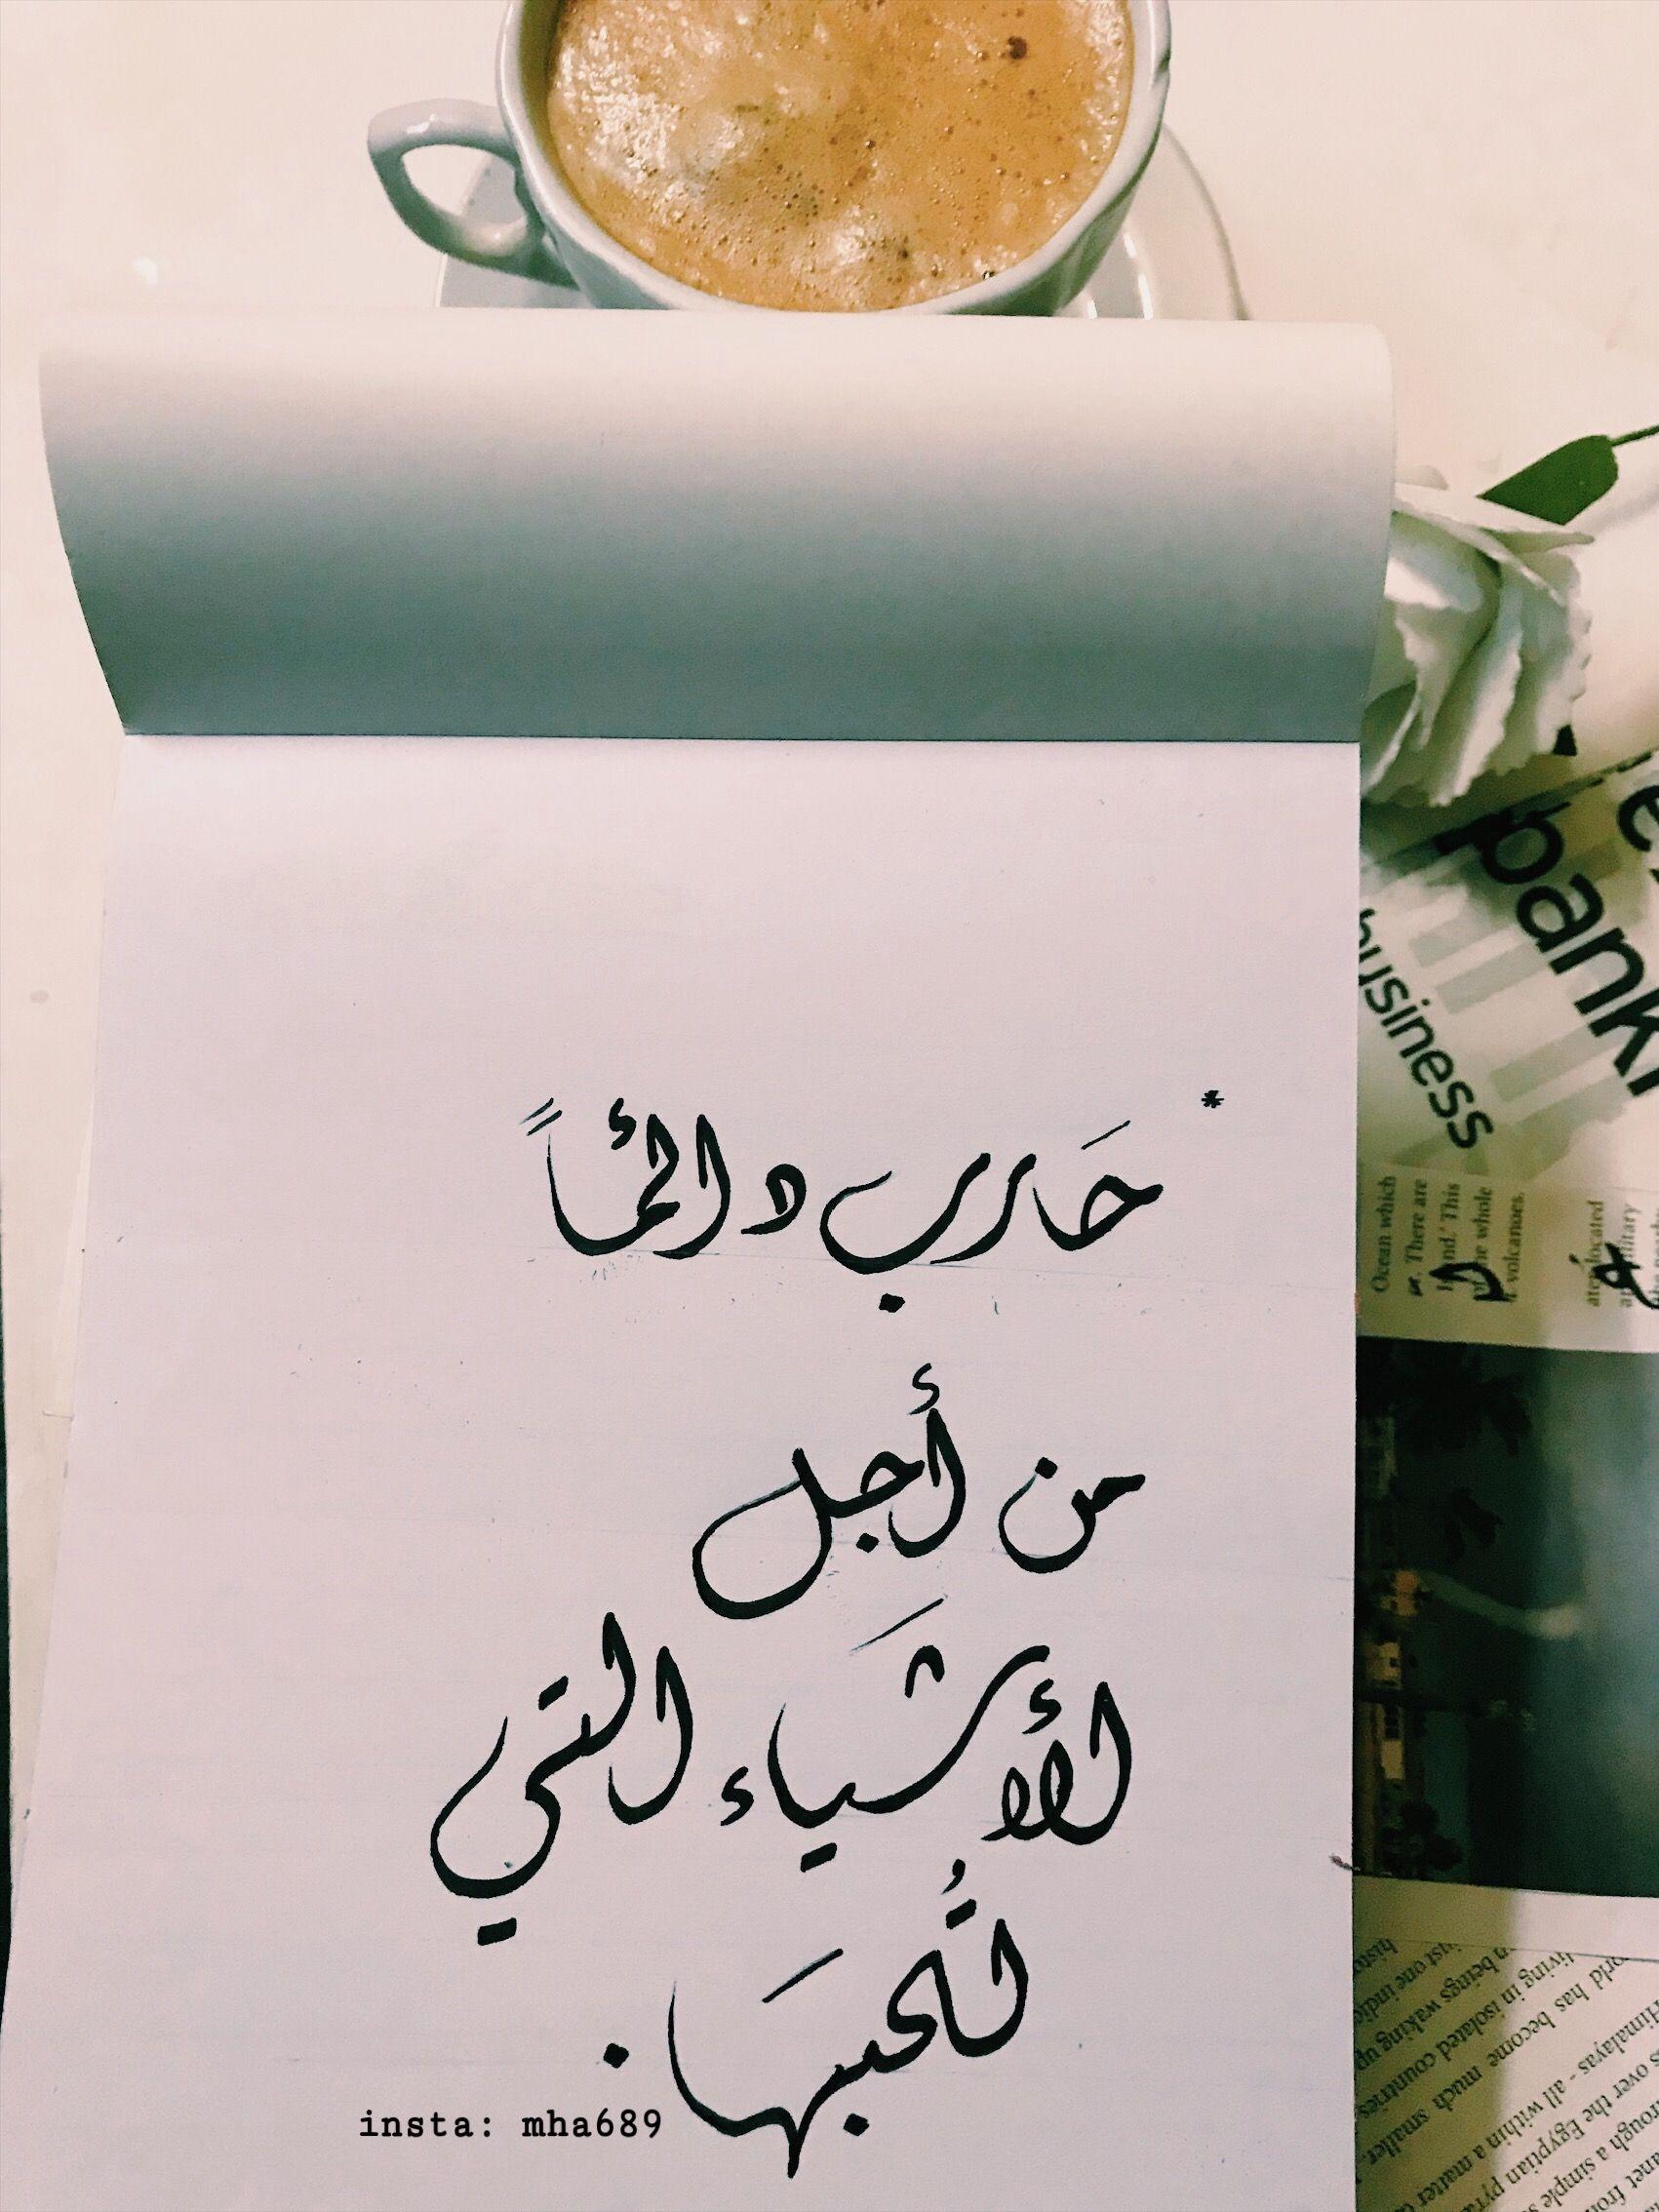 Epingle Par آيـــــة الذهــــبـــي Sur خطوط